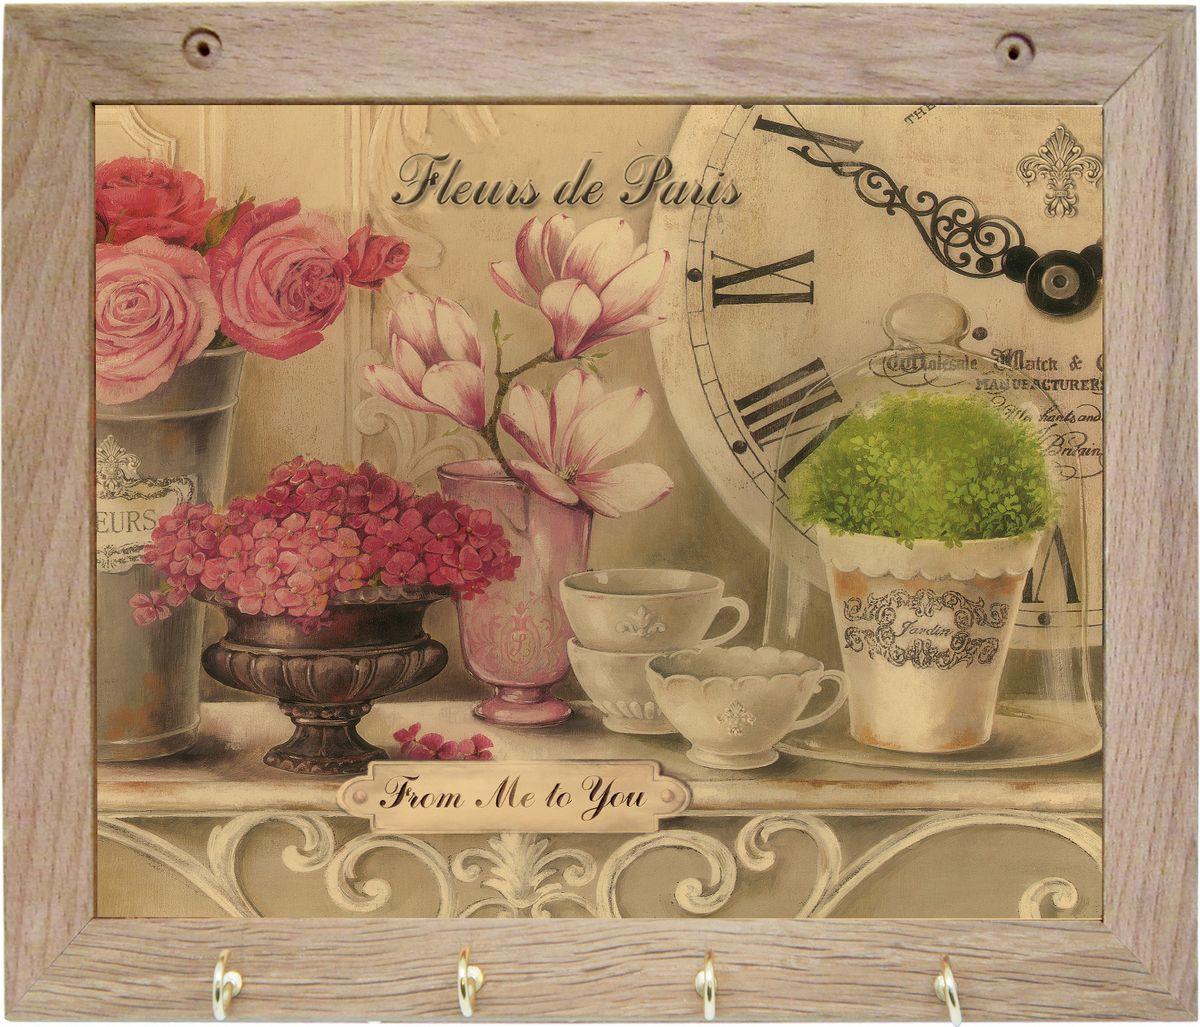 Вешалка GiftnHome Парижские цветы, с 4 крючками, 20 х 25 см1092019Вешалка GiftnHome Парижские цветы в стиле Art-Casual изготовлена из натурального дерева в комбинации с модными цветными принтами на корпусе от Креативной студии AntonioK. Вешалка снабжена 4 металлическими крючками для подвешивания аксессуаров, полотенец, прихваток и другого текстиля. Это изделие больше, чем просто вешалка, оно несет интерьерное решение, задает настроение и стиль на вашей кухне, столовой или дачной веранде. Art-Casual значит буквально повседневное искусство. Это новый стиль предложения обычных домашних аксессуаров в качестве элементов, задающих стиль и шарм окружающего пространства. Уникальное сочетание привычной функциональности и декоративной, интерьерной функции - это актуальная, современная тенденция от прогрессивных производителей товаров для дома.